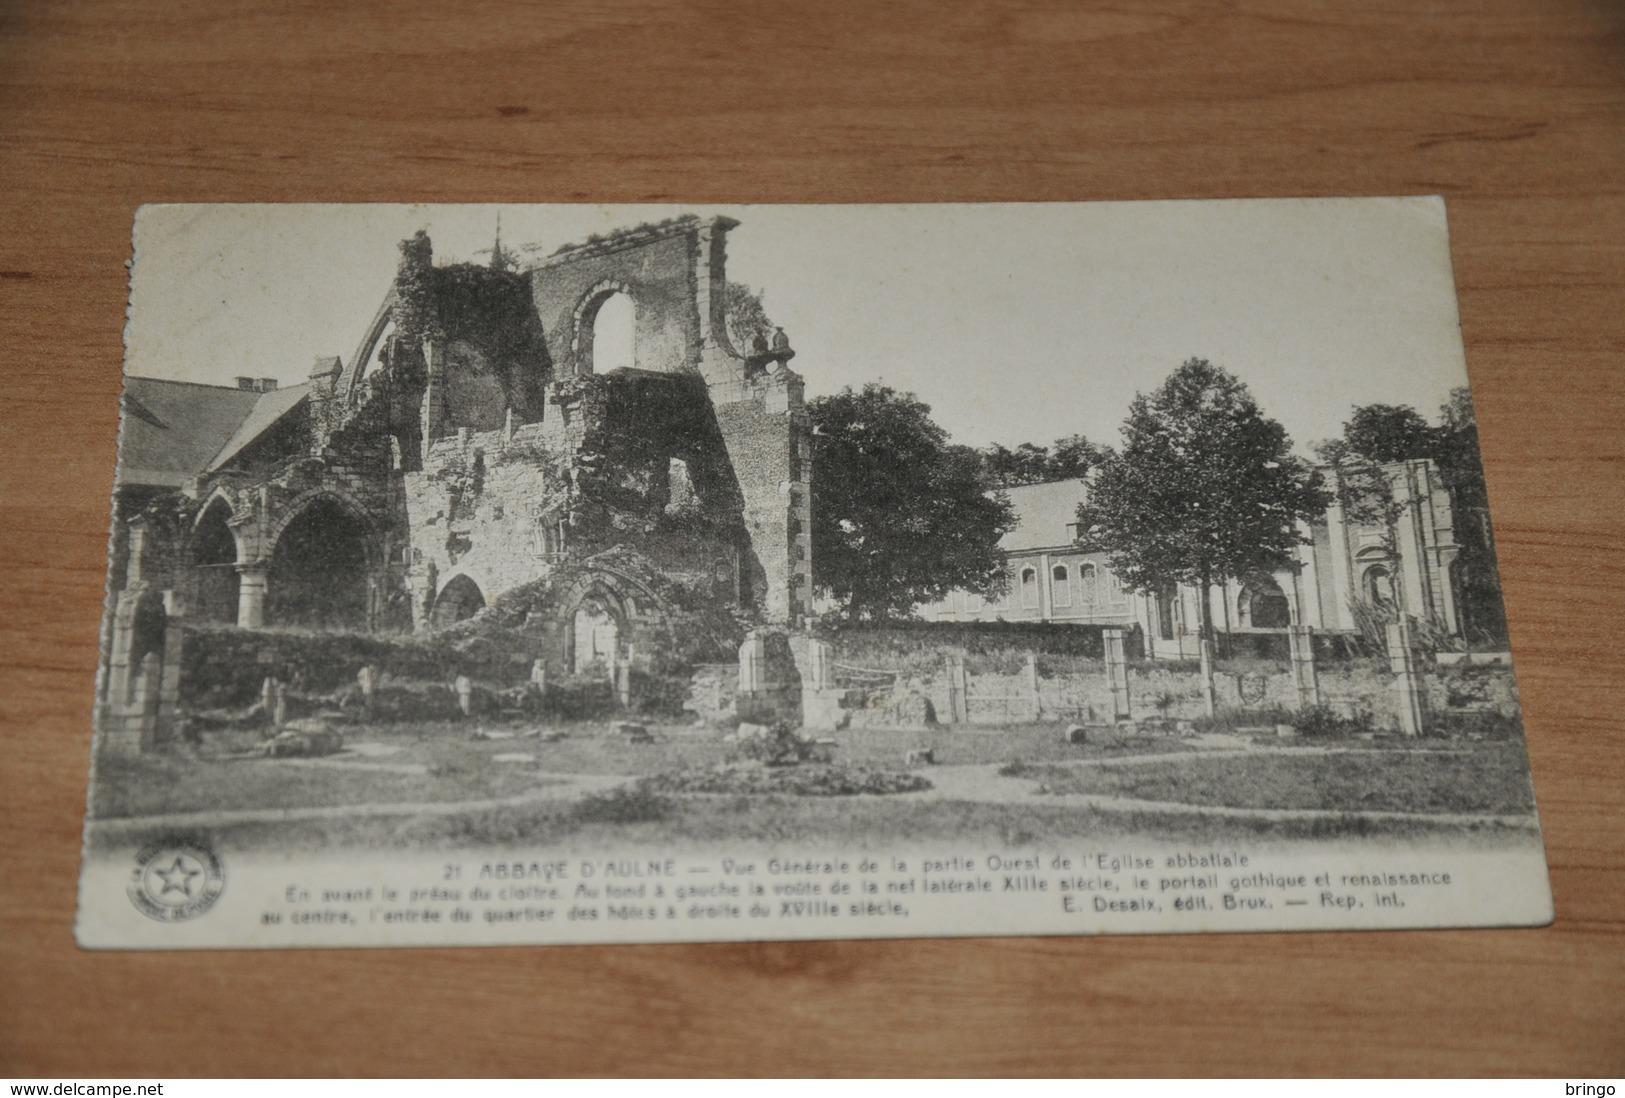 9822-    ABBAYE D'AULNE, VUE GENERALE DE LA PARTIE QUEST DE L'EGLISE ABBATIALE - Thuin